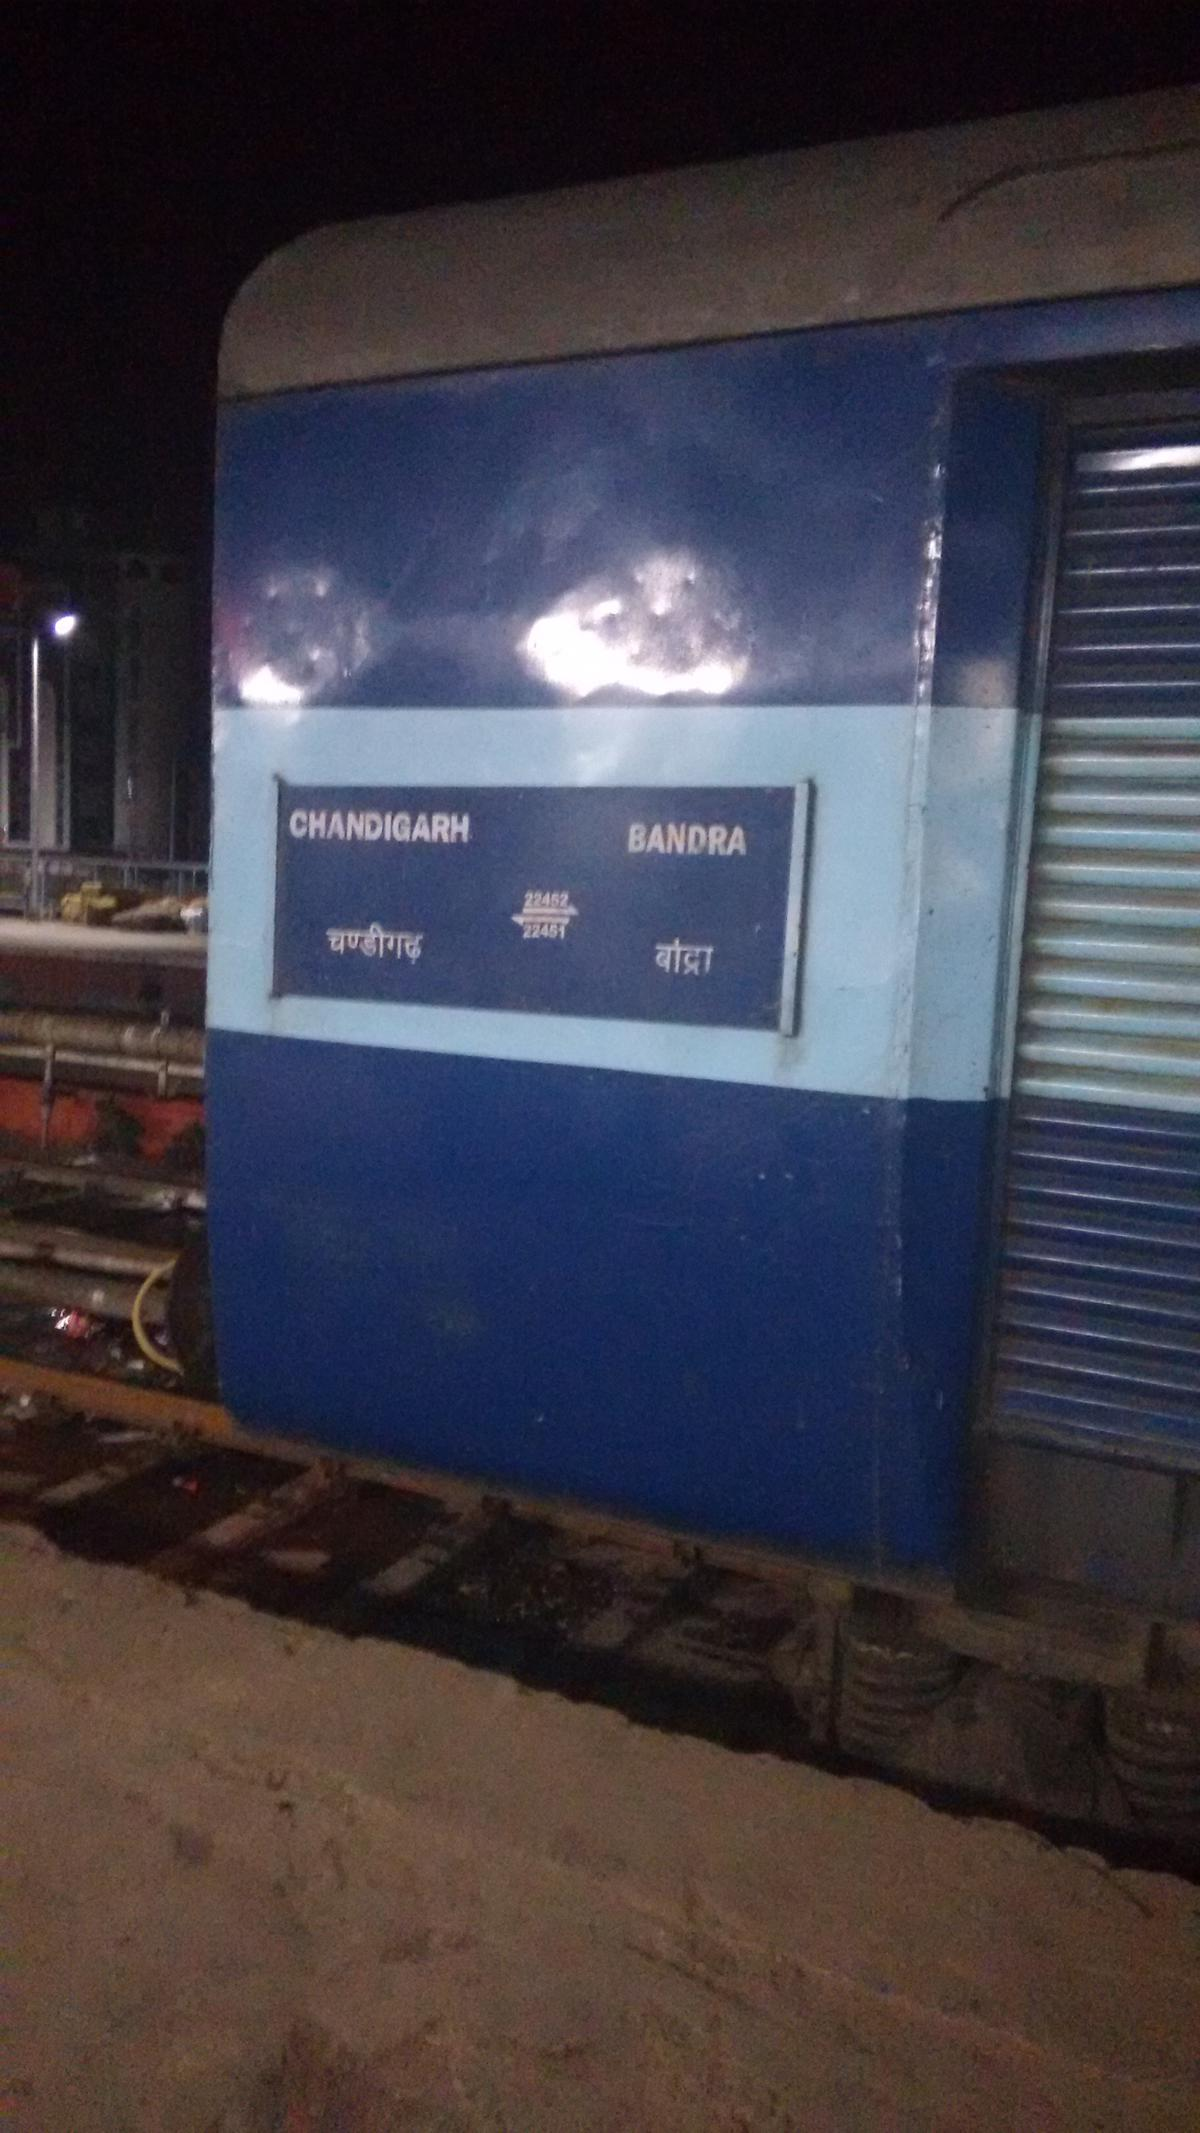 Chandigarh - Mumbai Bandra (T) Bi-weekly SF Express/22452 Train